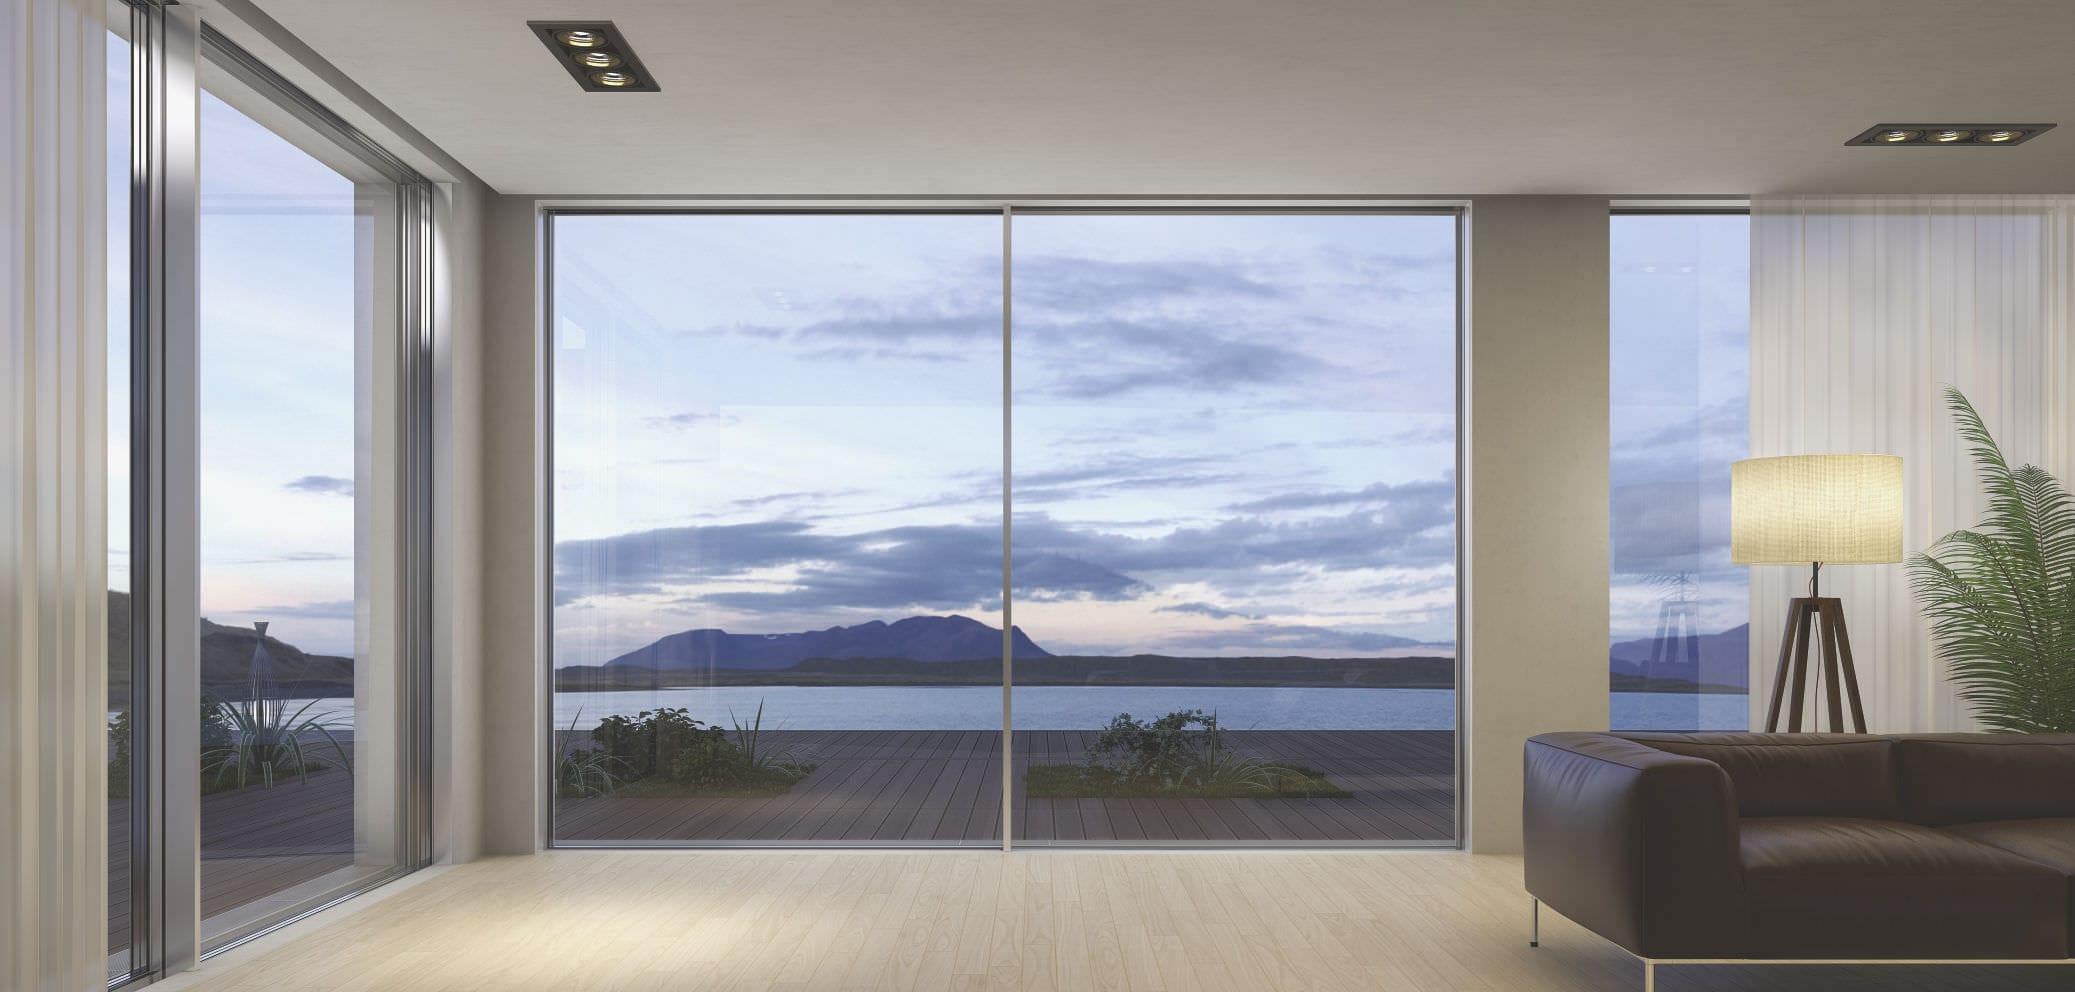 Lovely Sliding Patio Door / Aluminum / Triple Glazed   FLUO